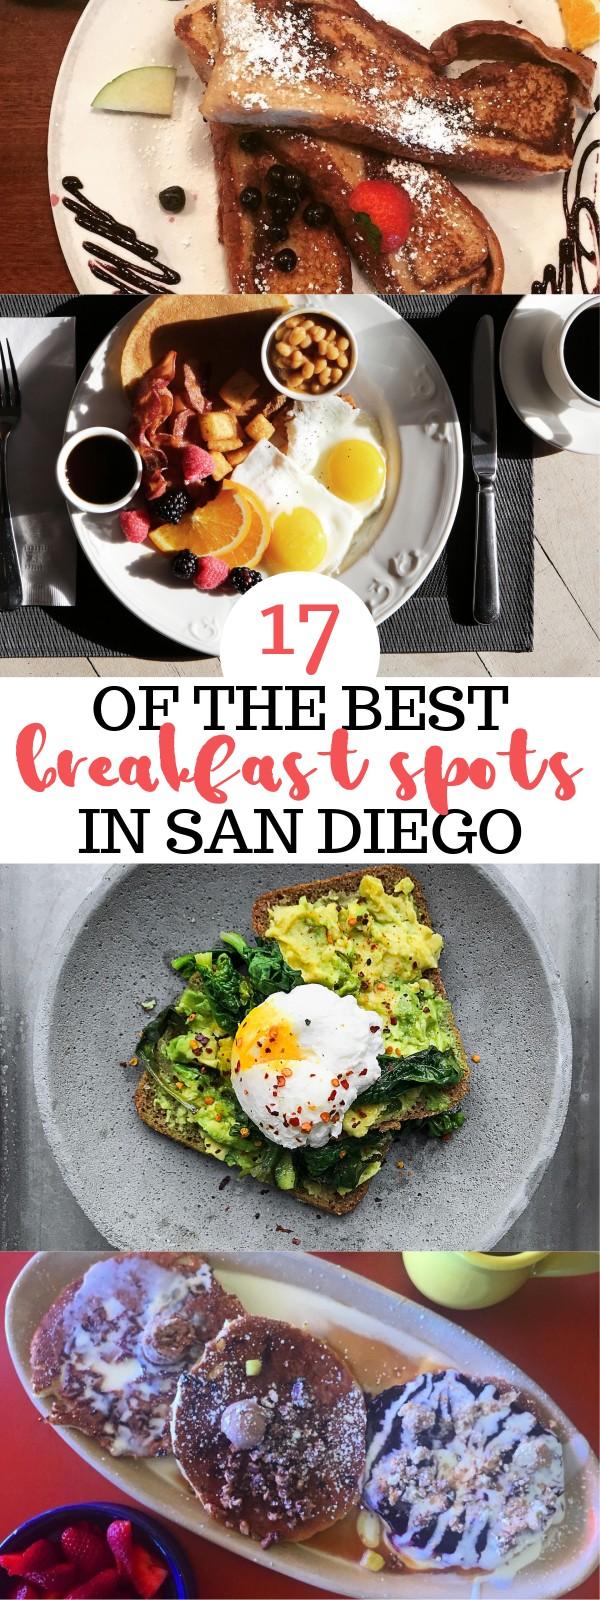 17 Of The Best Breakfast Spots In San Diego | best breakfast in La Jolla | best breakfast in San Diego | best pancakes in san diego | breakfast downtown san diego | breakfast in san diego | breakfast places in san diego downtown | breakfast restaurants in san diego ca | san diego breakfast restaurants